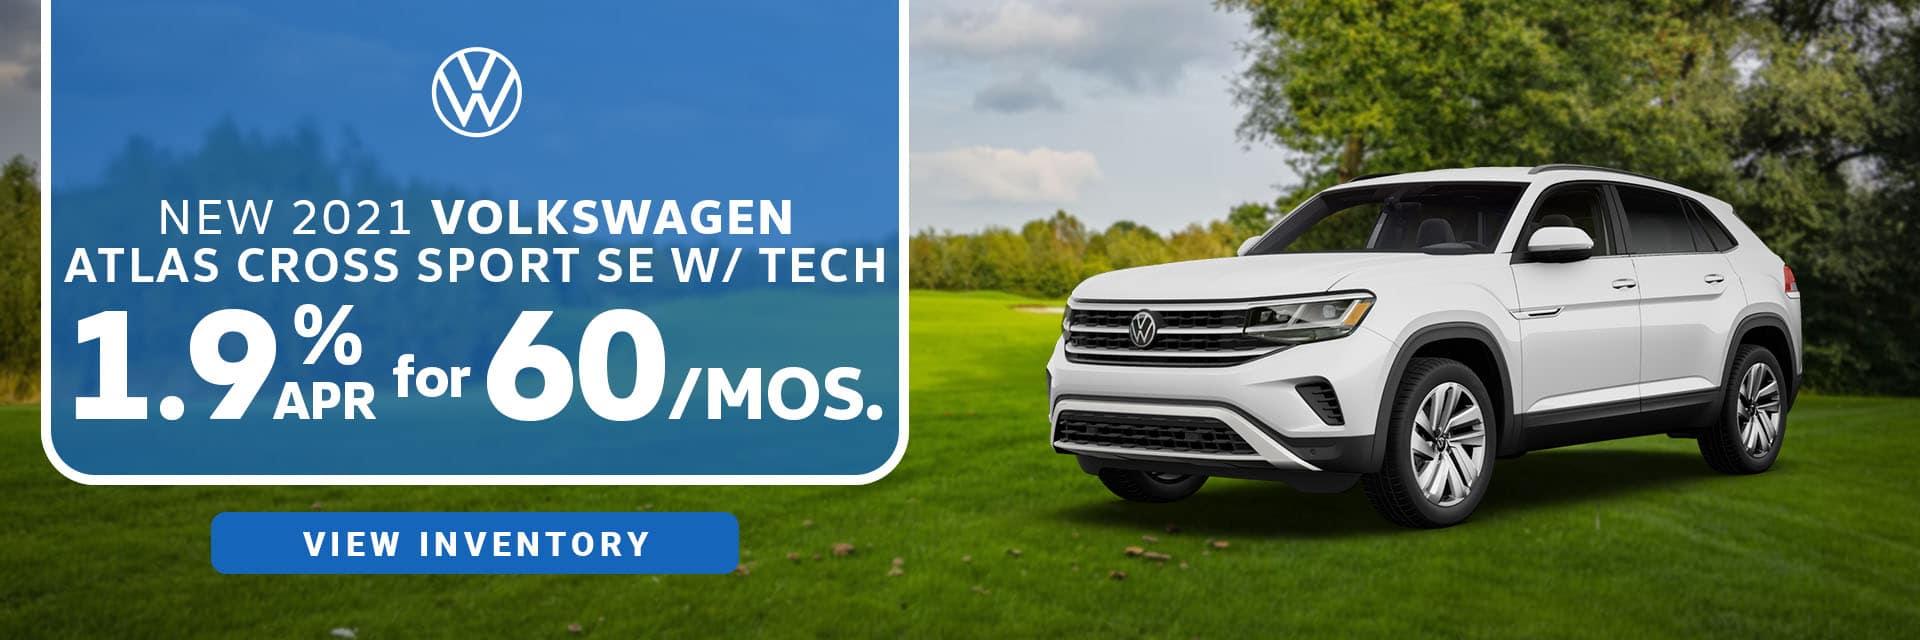 CVWG-October 20212021 Volkswagen ID.4 copy